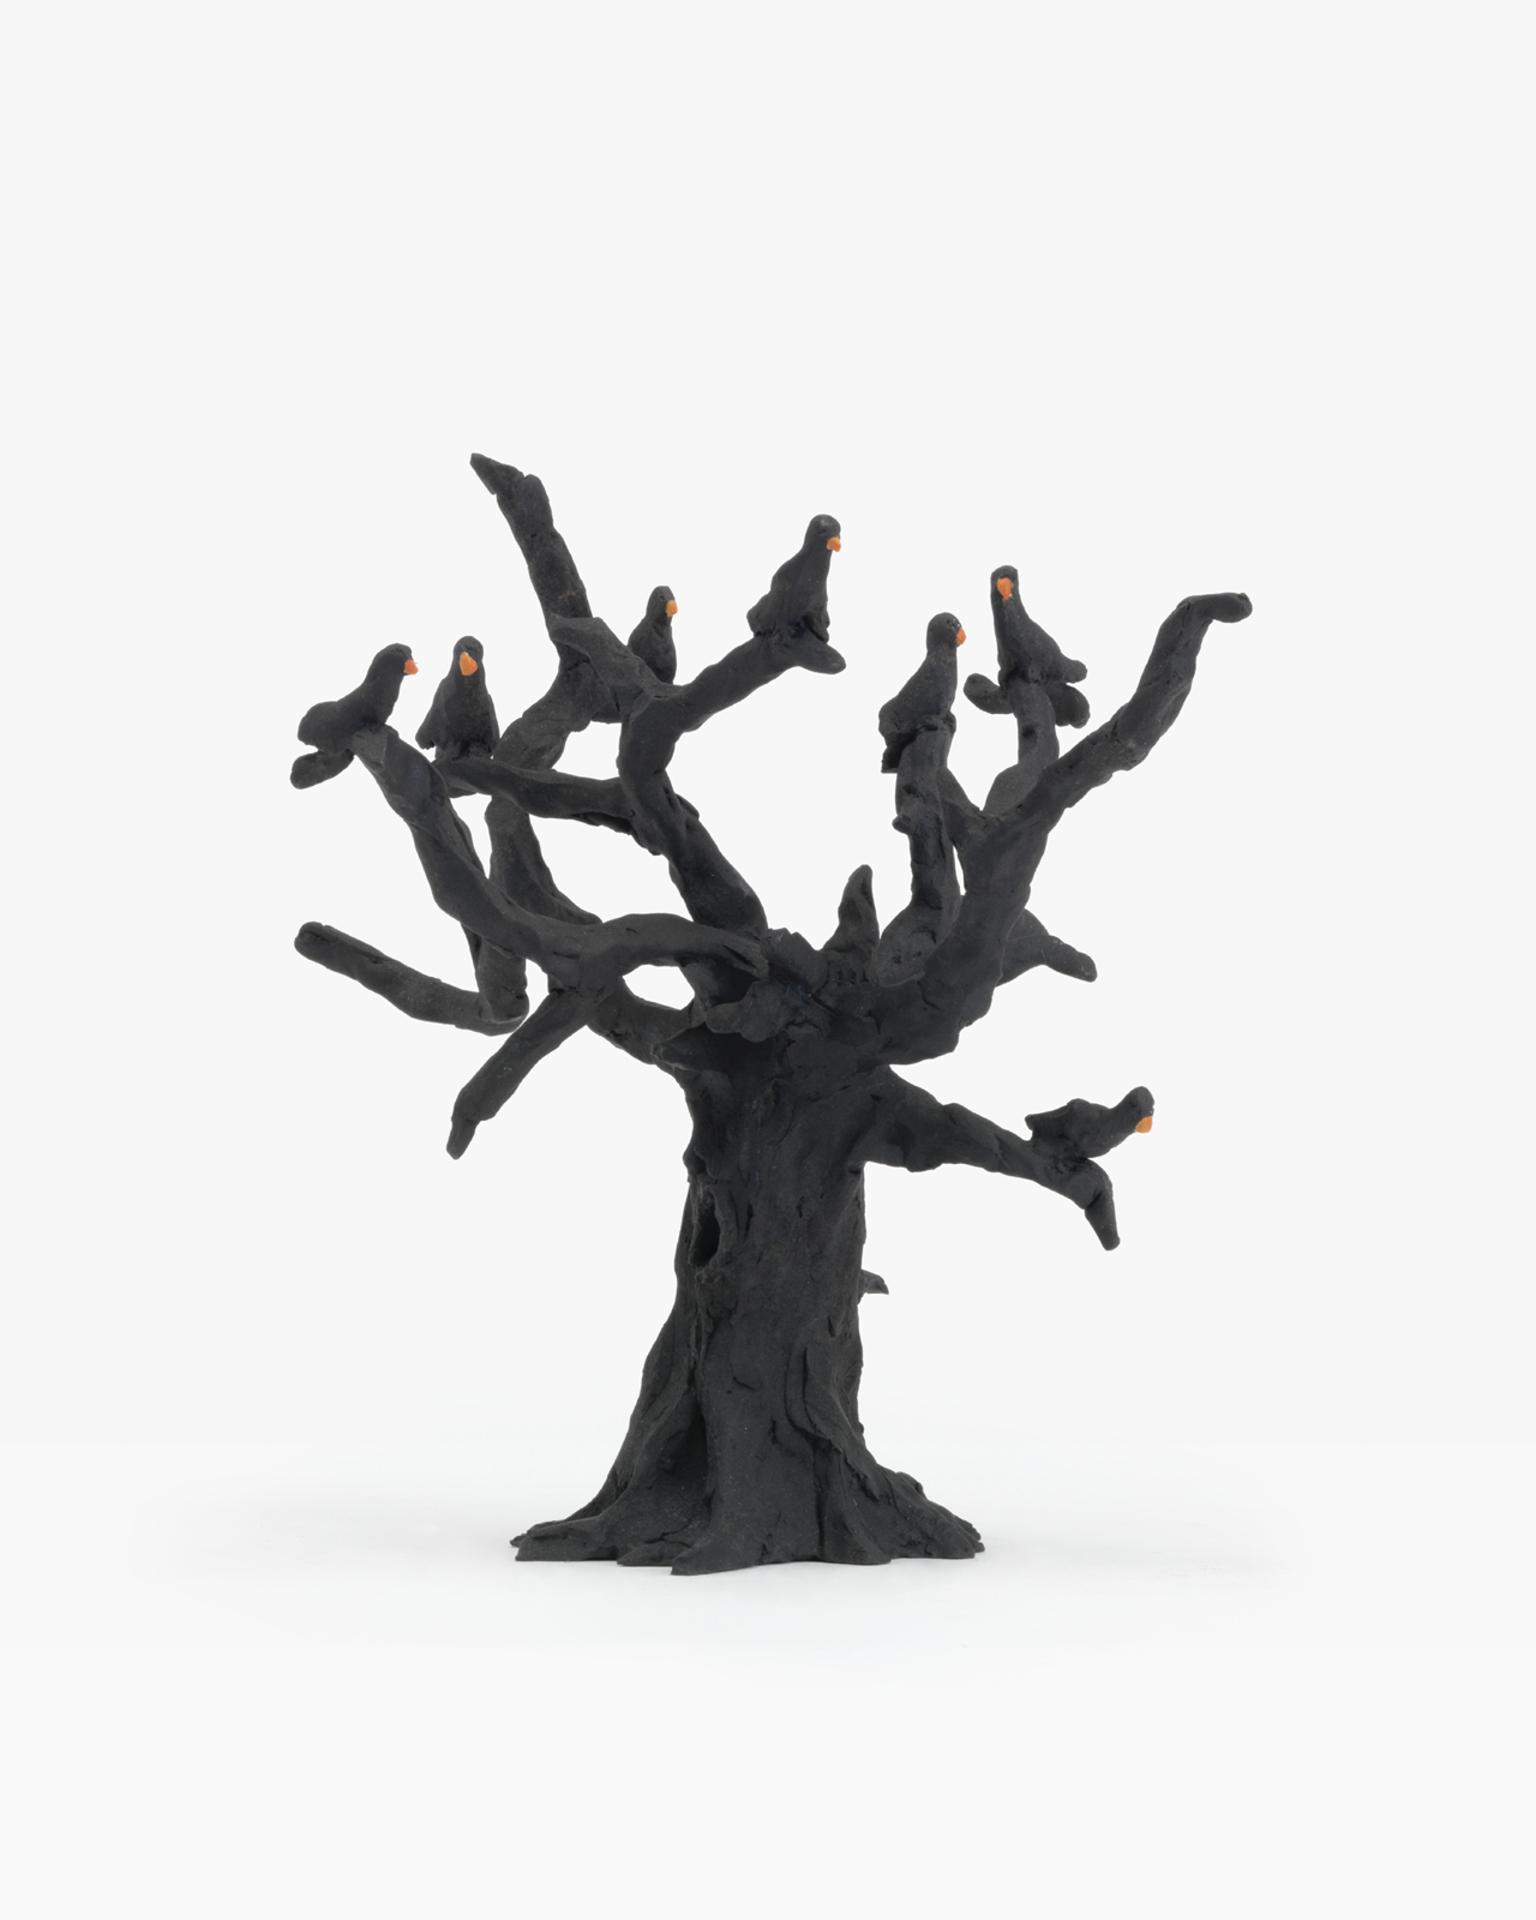 7 Birds in a Tree